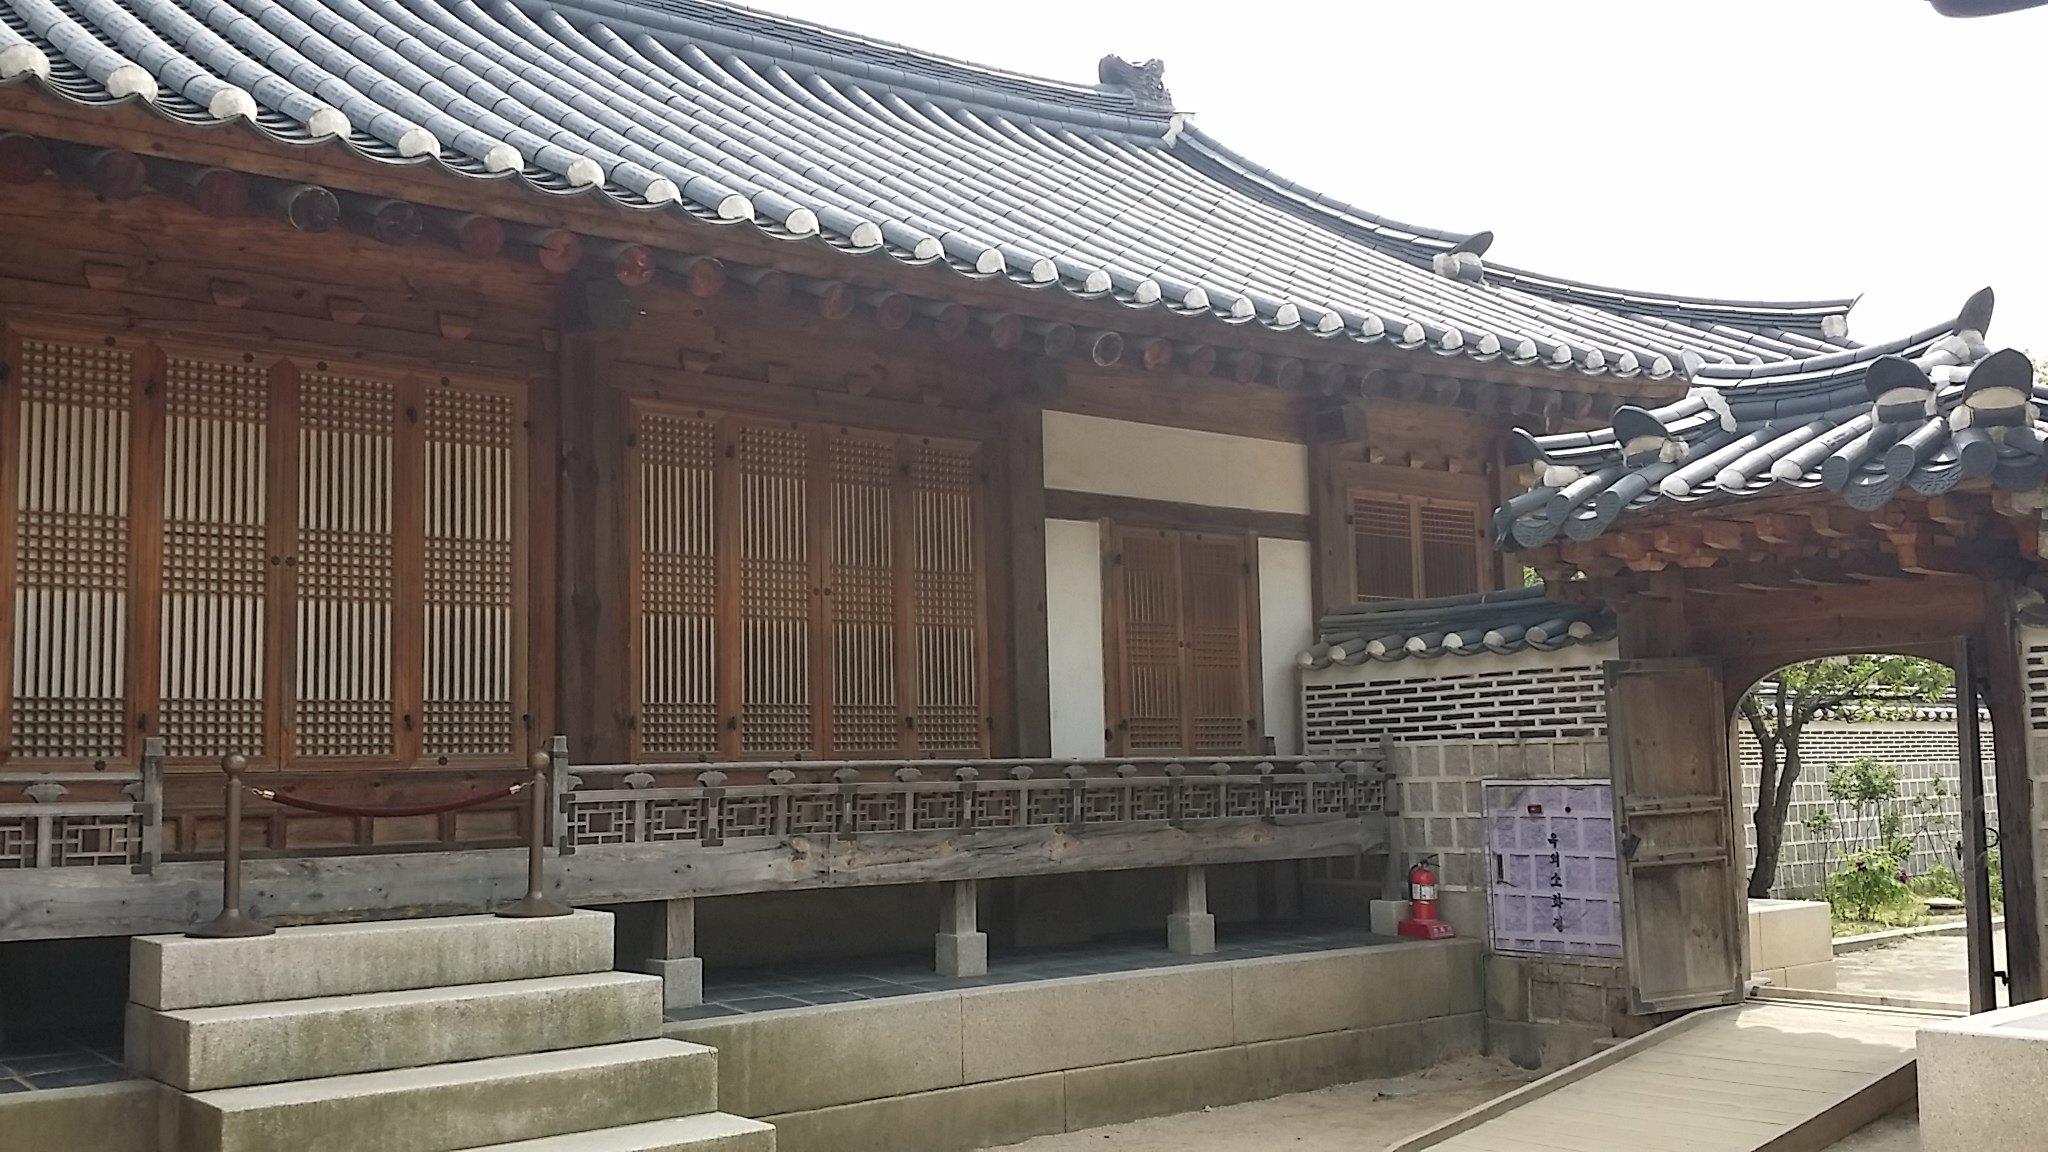 但内廷的建筑和宫门都是如此小,无法与中国皇宫相比.图片